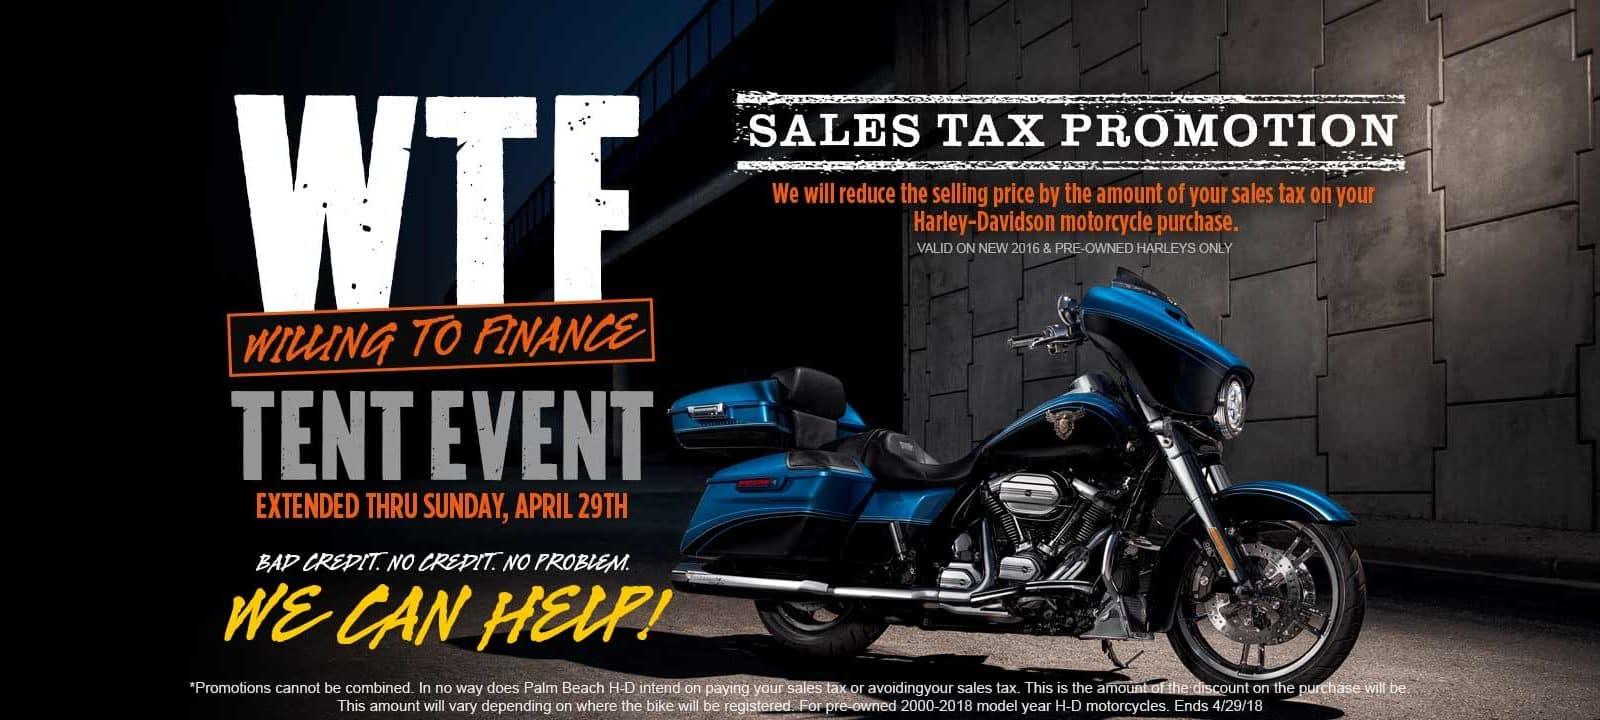 20180423-PBHD-1800x720-WTF-Tent-Event-Sales-Tax